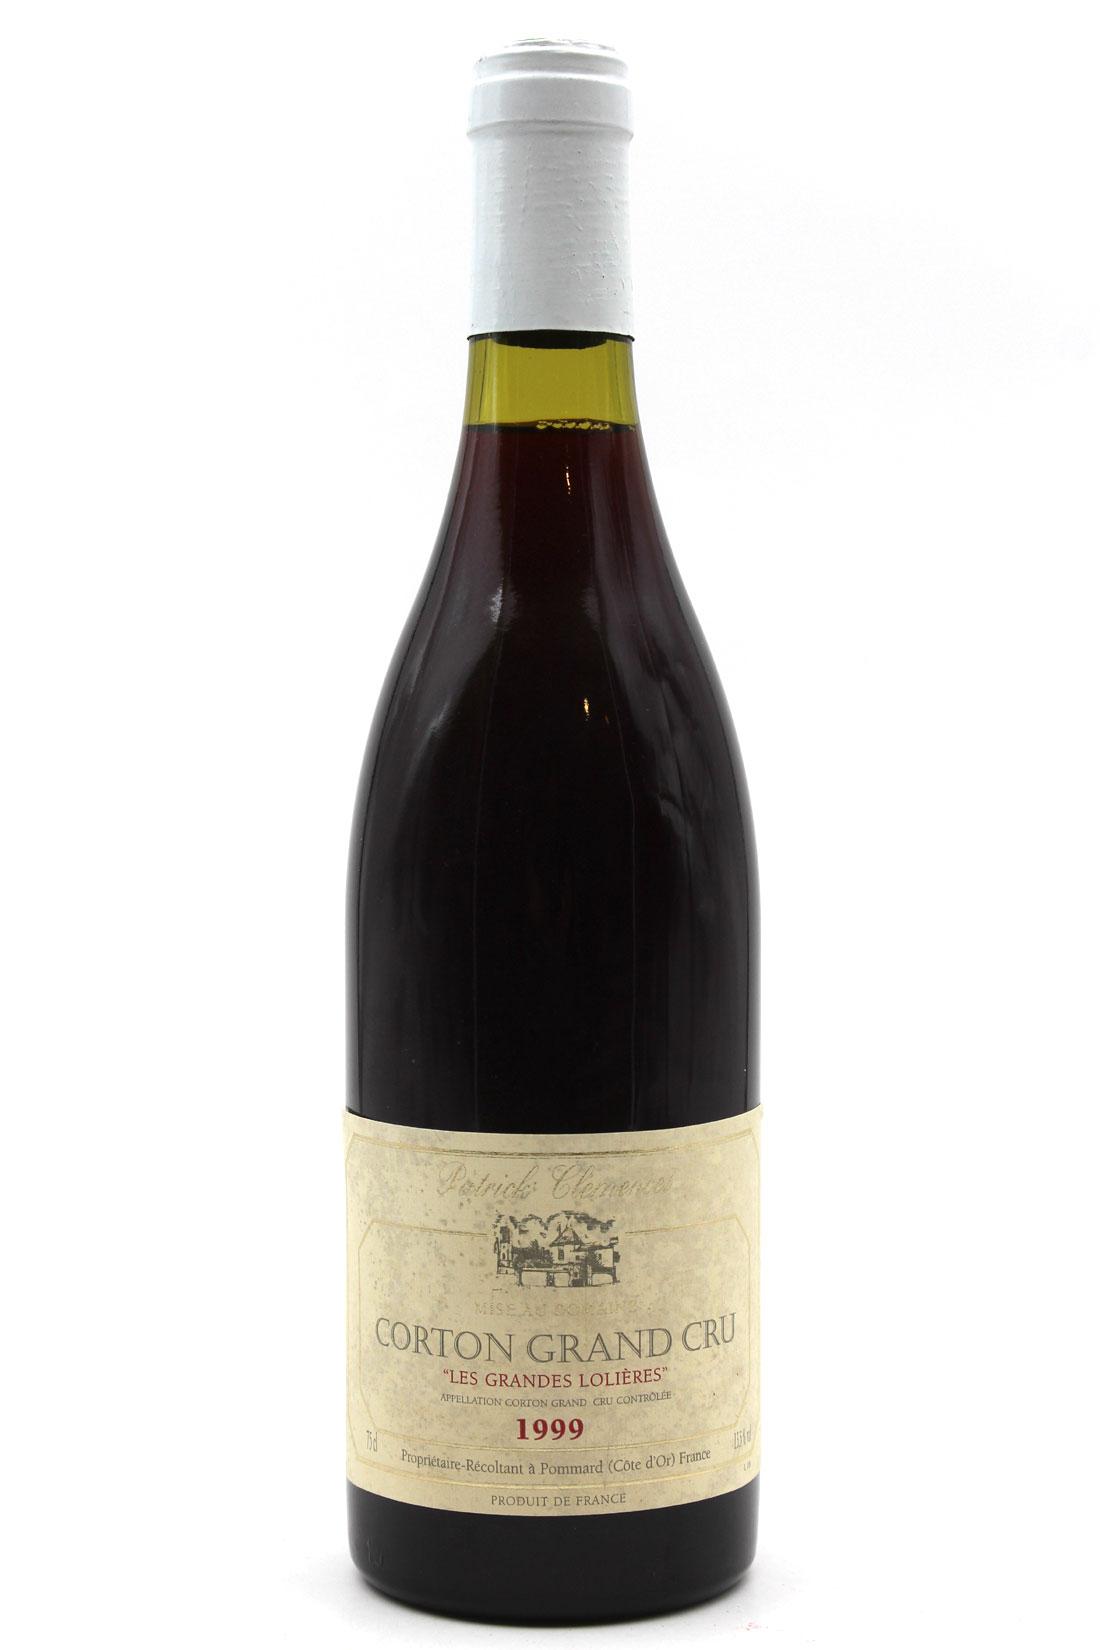 Corton Grand Cru 1999 Les Grandes Lolières - 75cl - Bourgogne